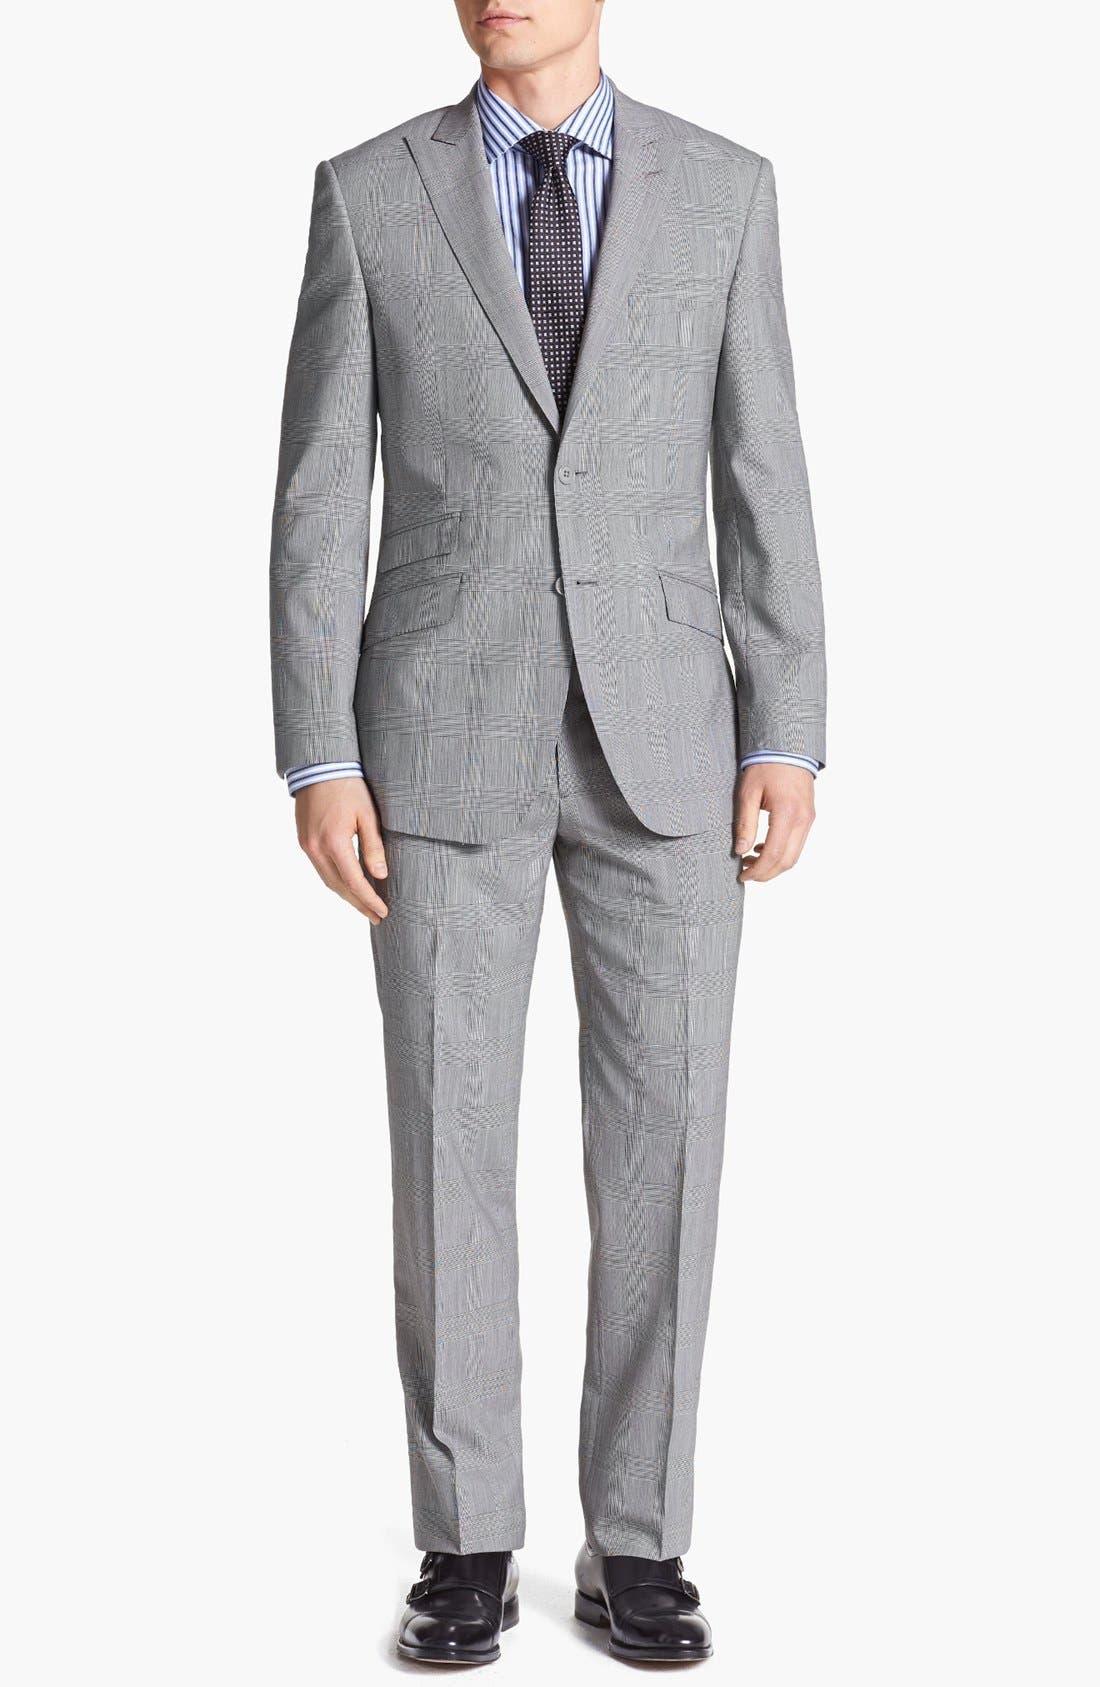 Main Image - English Laundry Trim Fit Plaid Suit